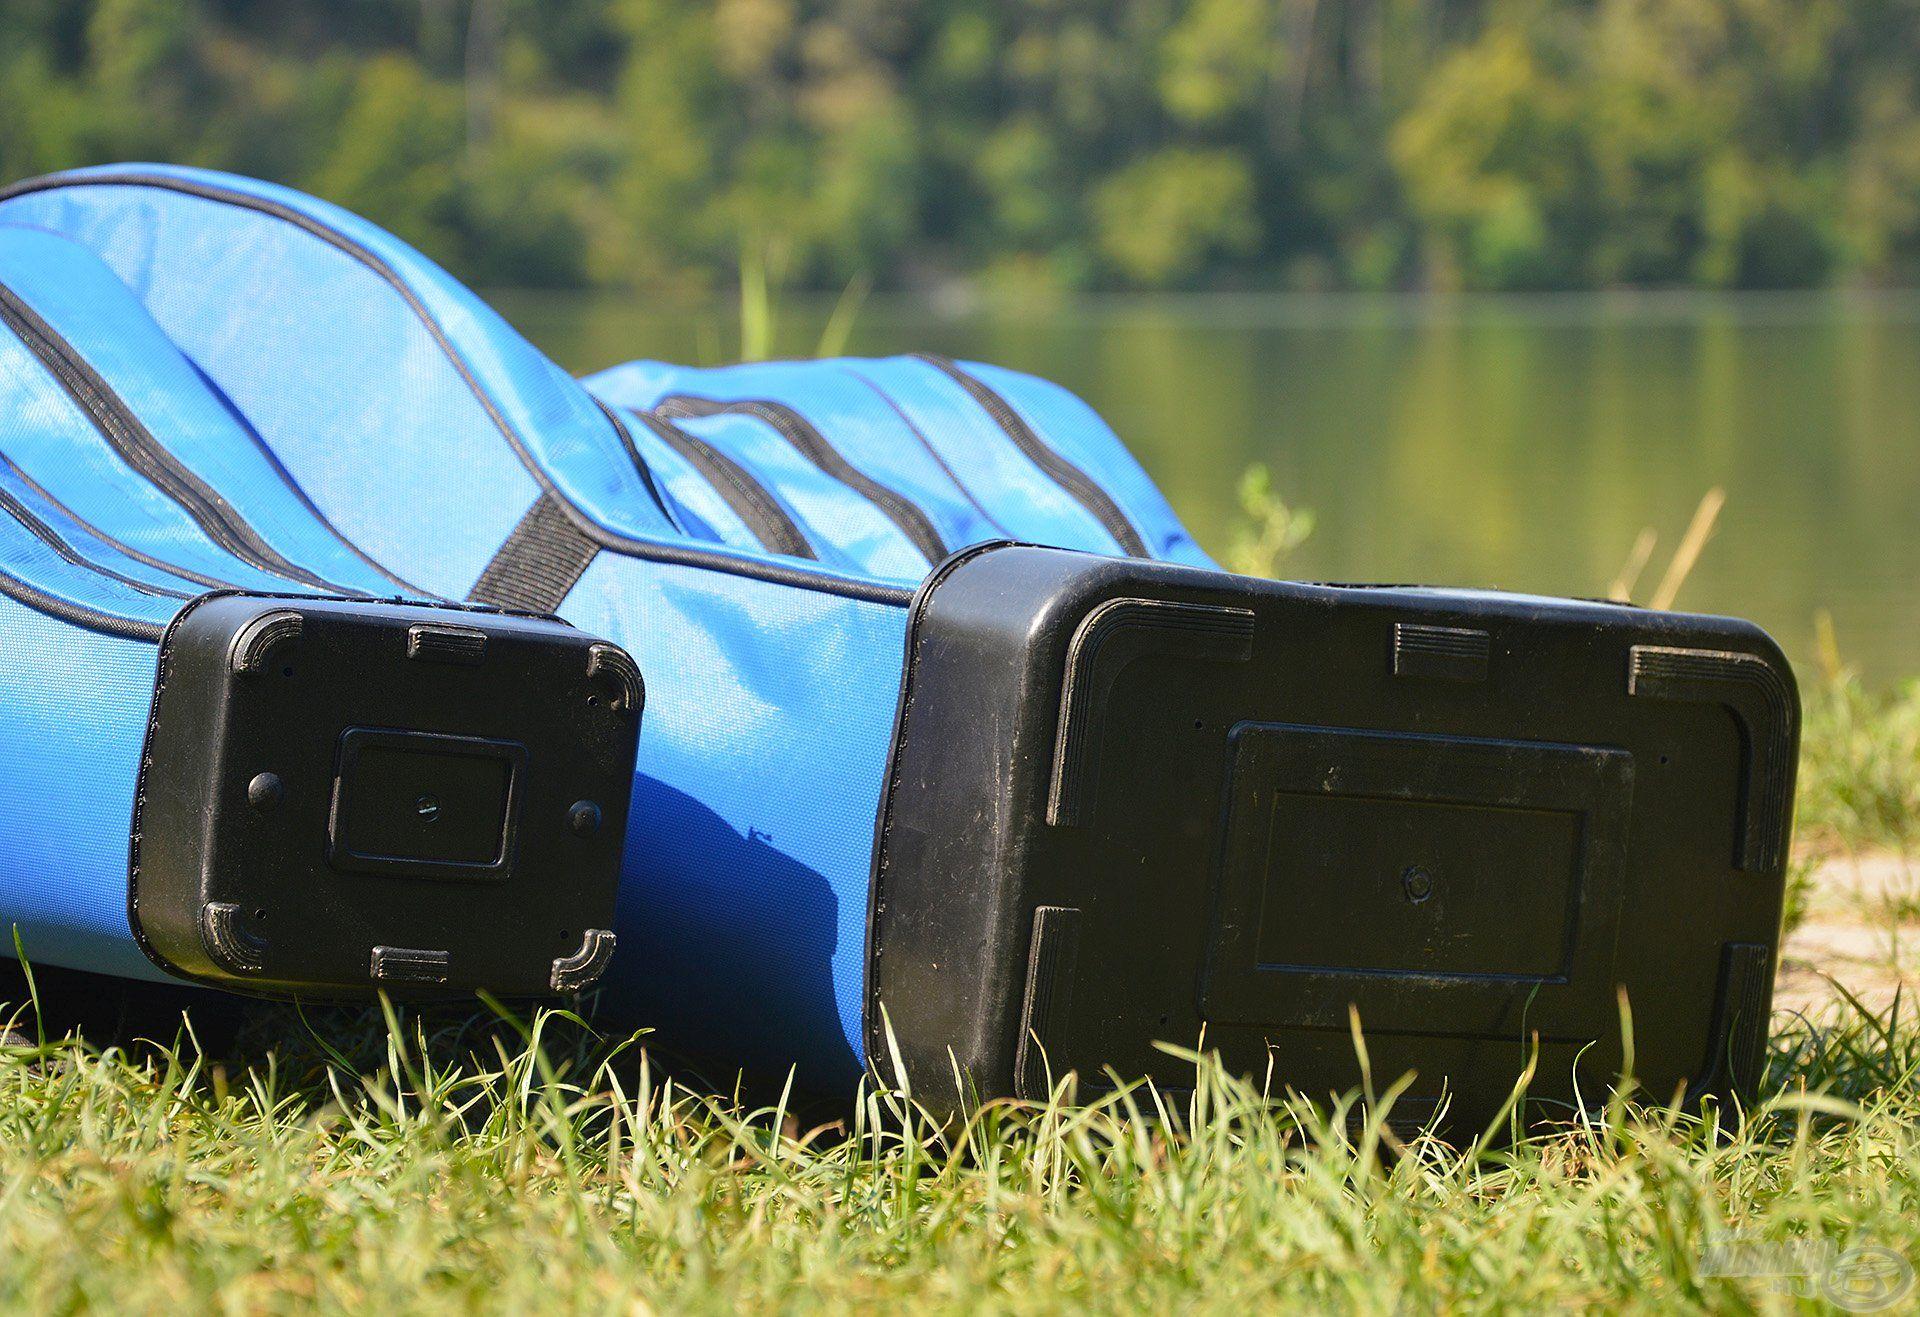 Szintén a strapabíróságot és a biztonságot szolgálja a kemény, műanyag talp, mely nem utolsósorban könnyebben tisztítható is